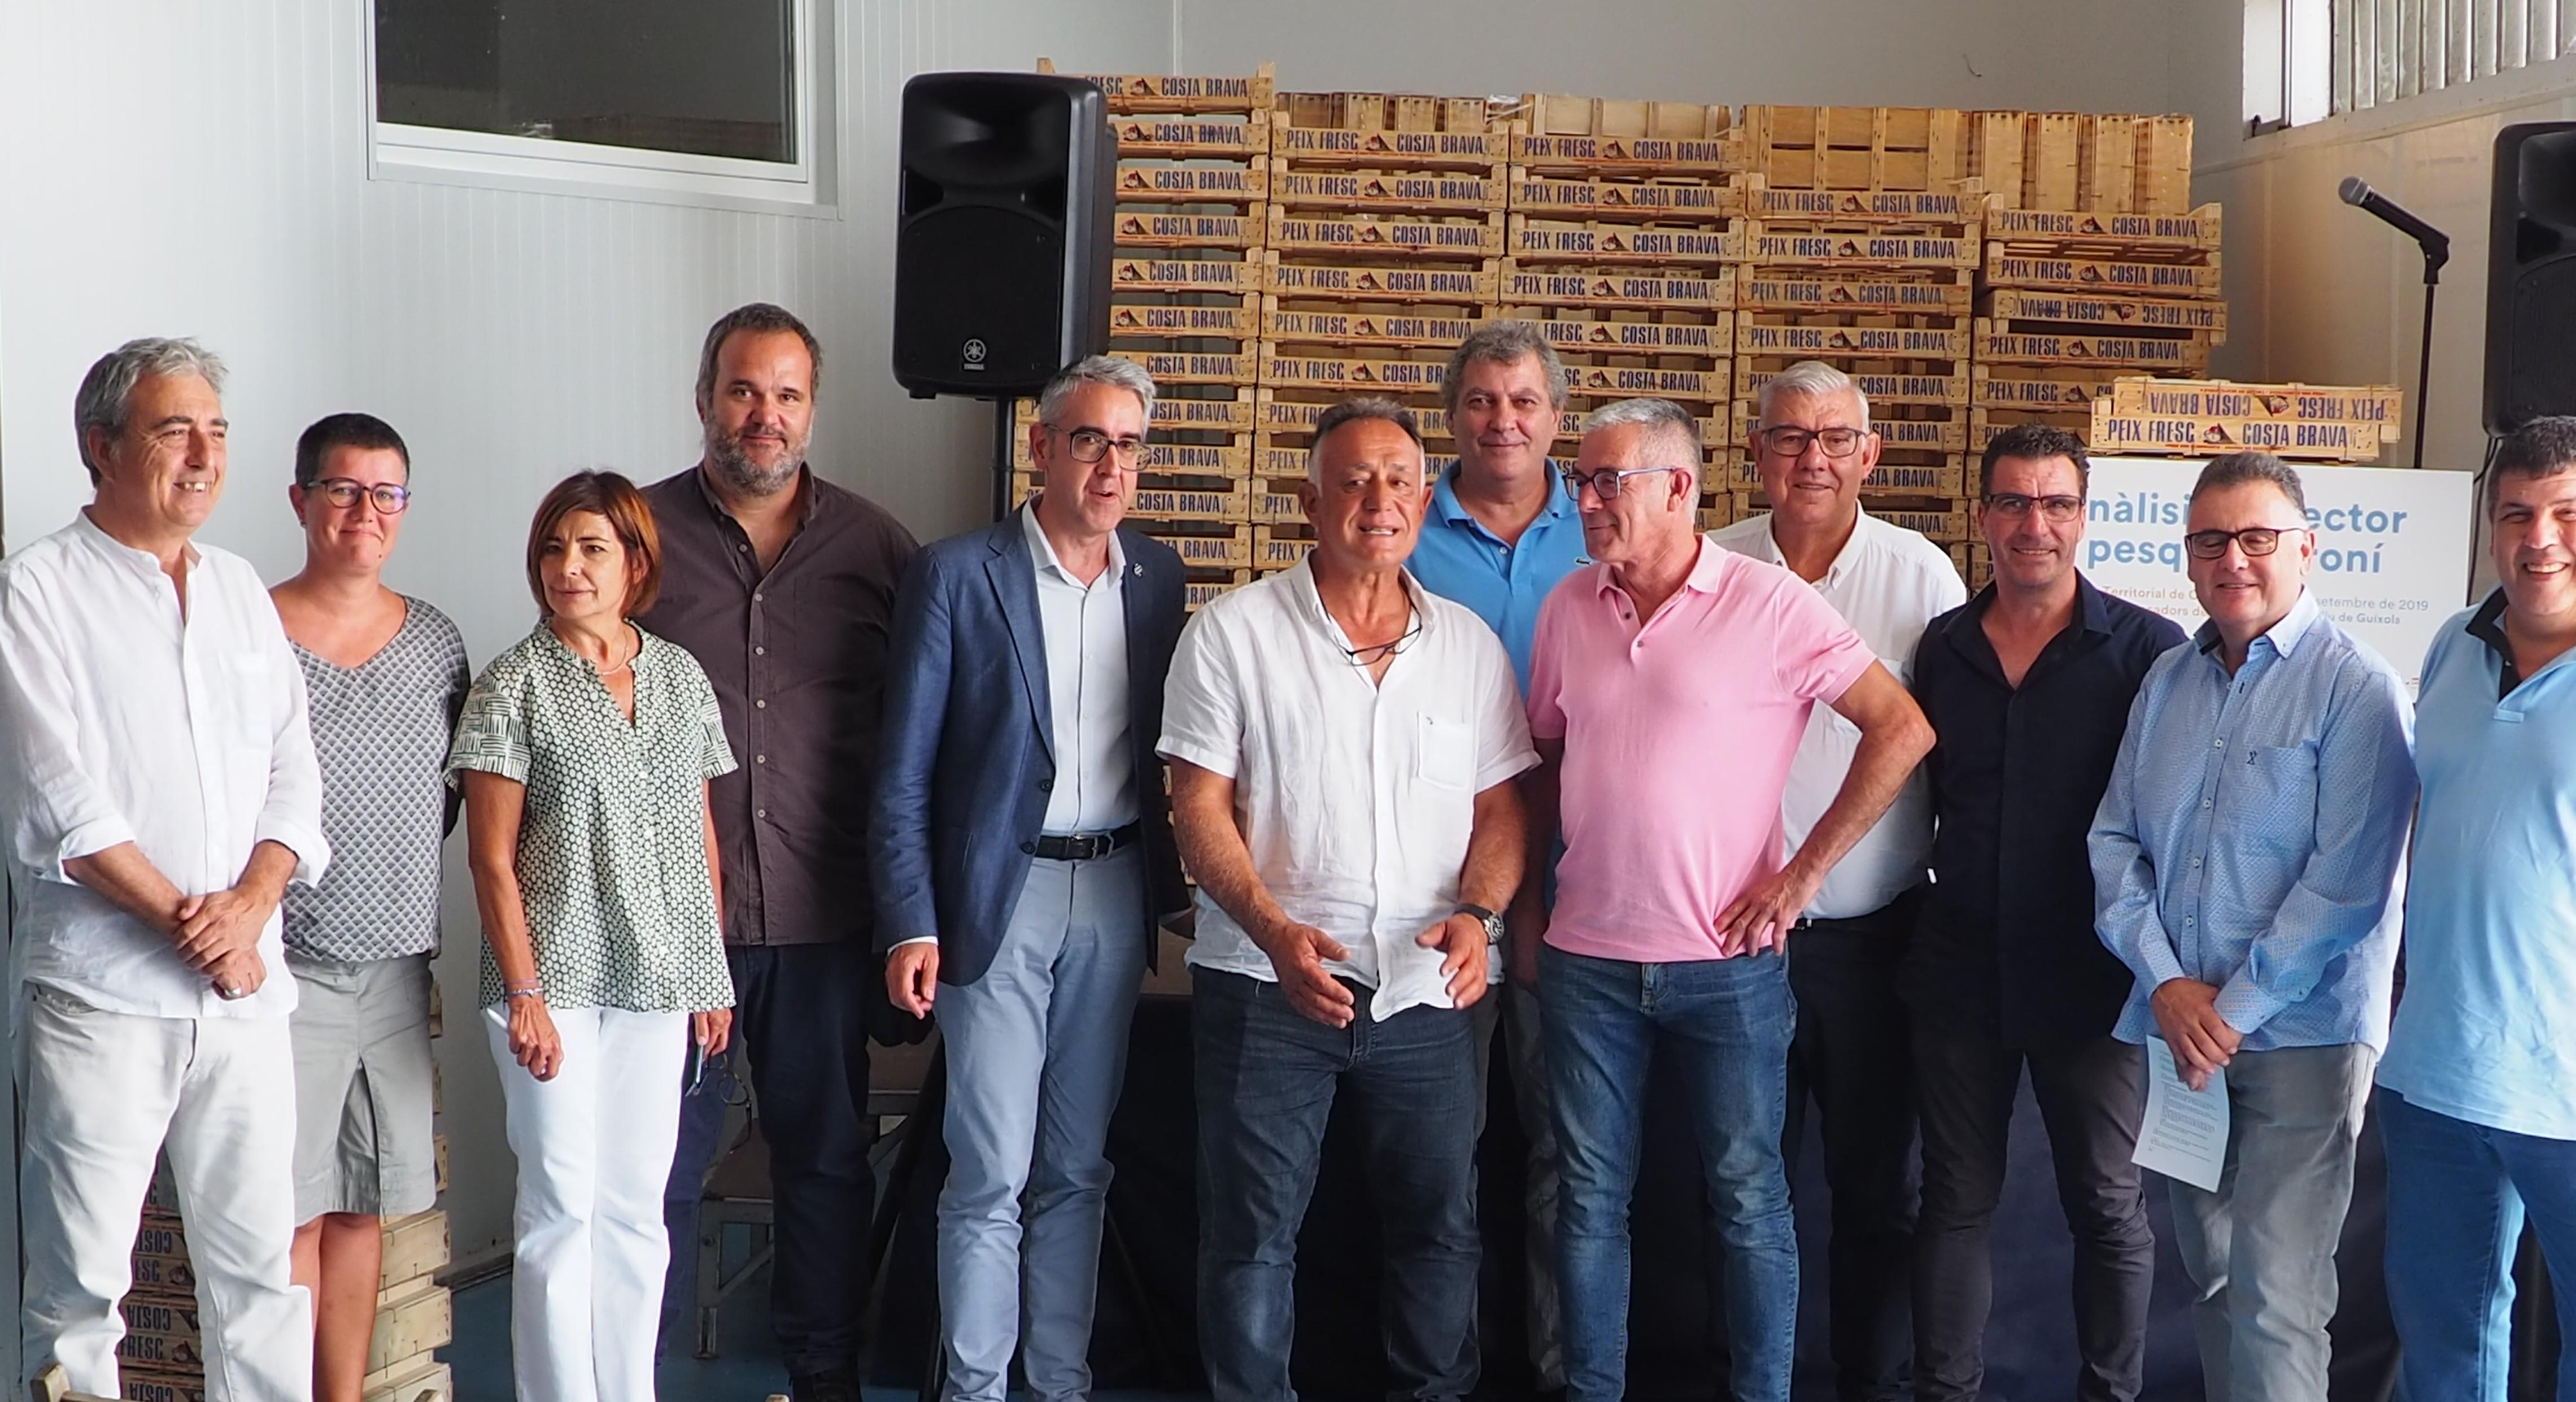 Representants de les confraries i el Director Gral de Pesca